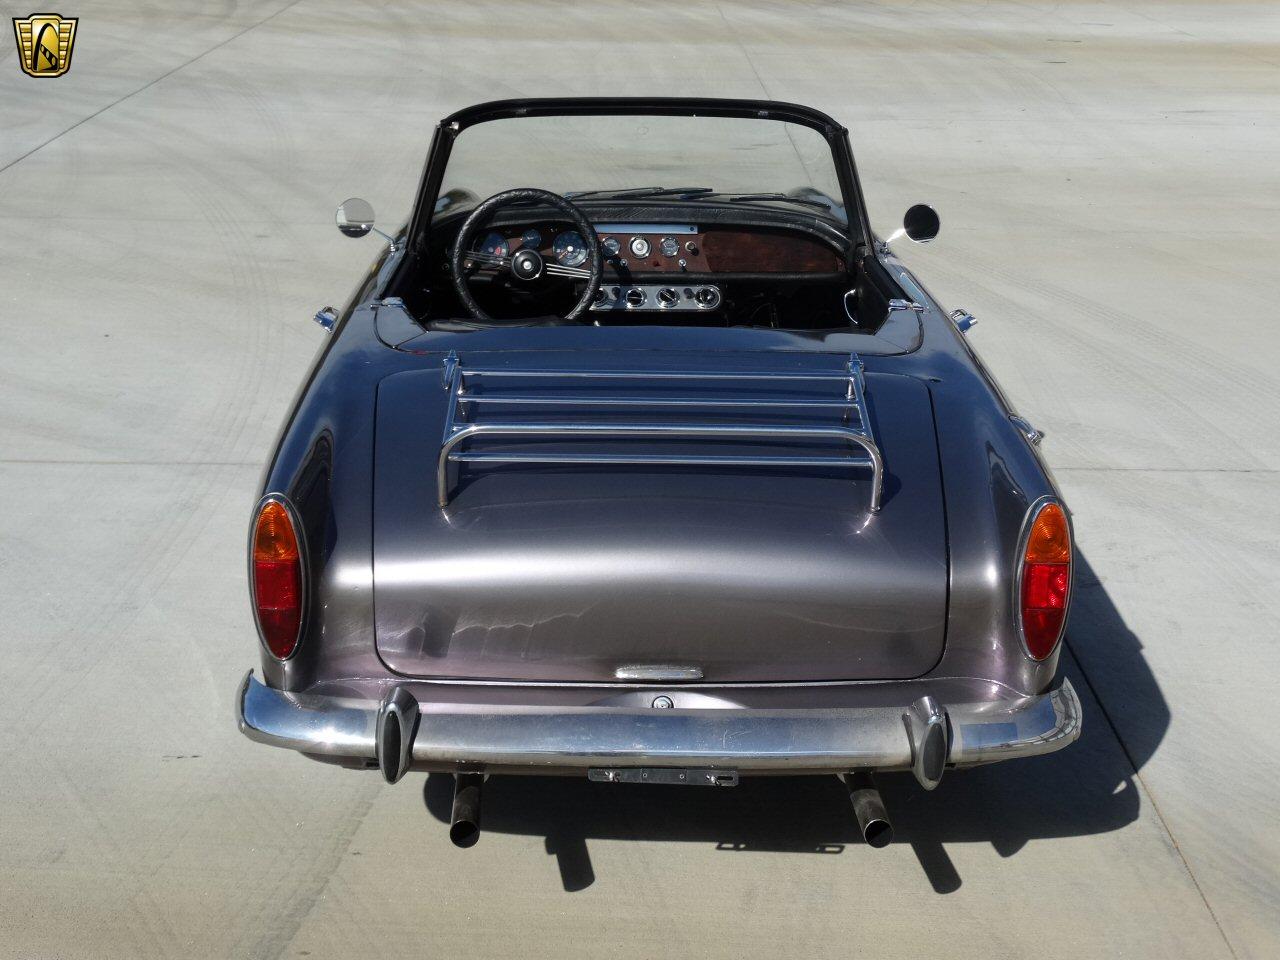 1965 Sunbeam Tiger 64